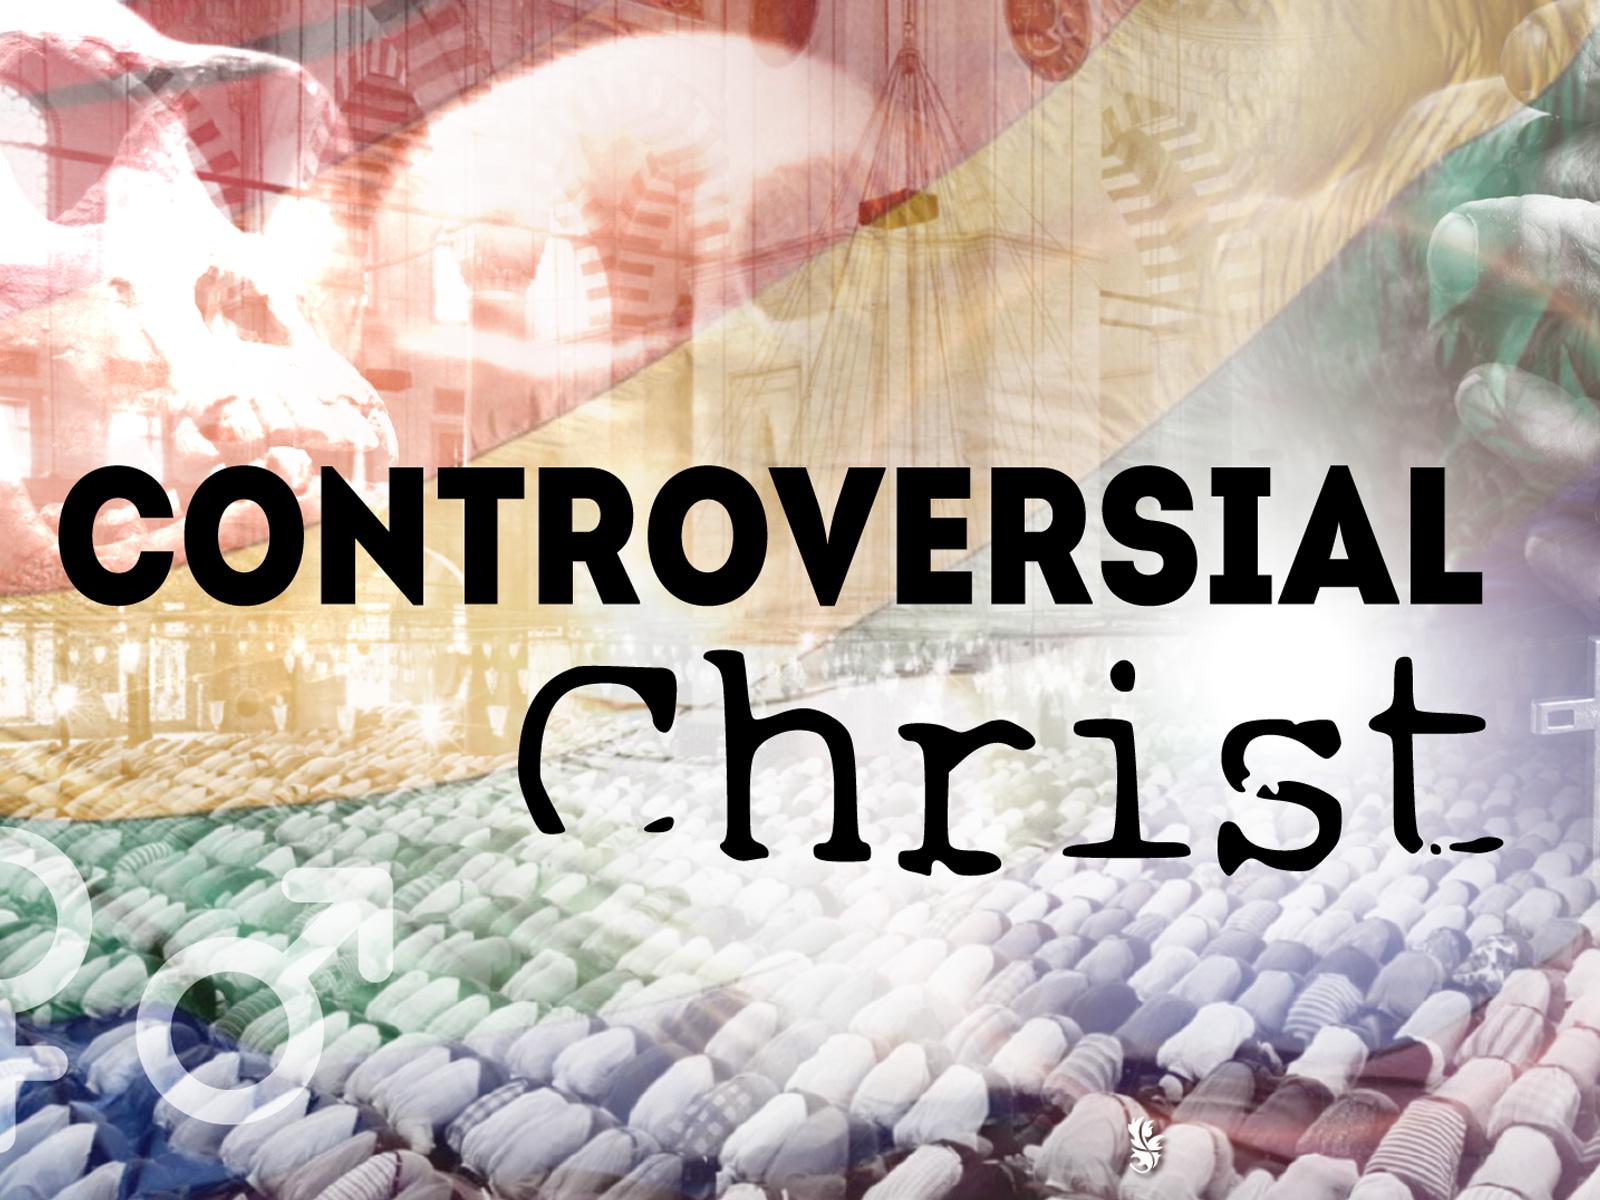 ControversialChrist-1600x1200.jpg